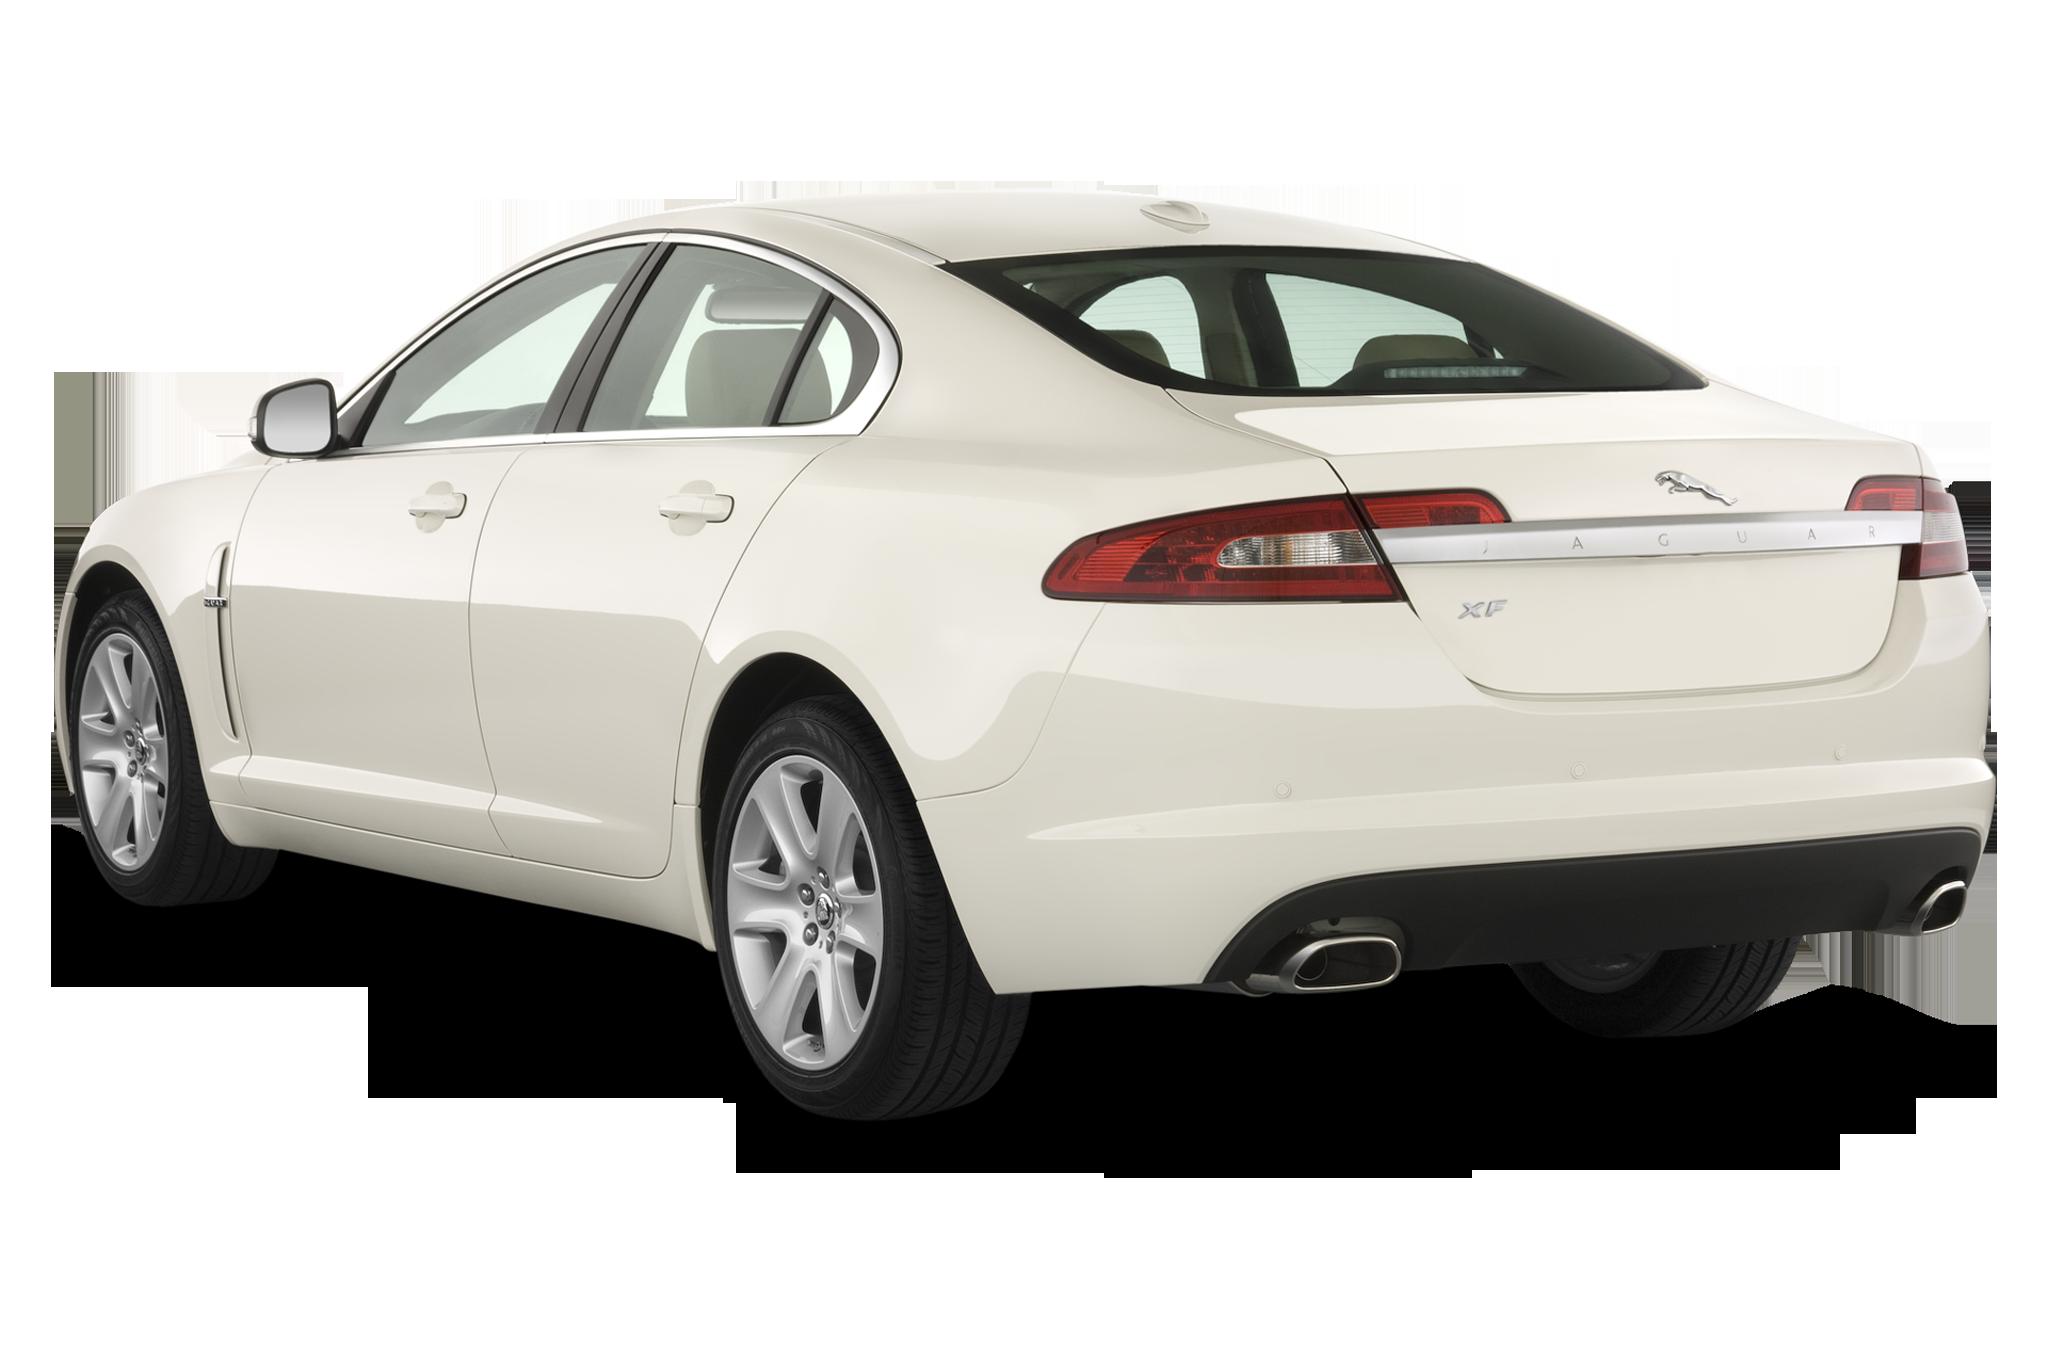 Jaguar XFR Editors Notebook Automobile Magazine - 2011 jaguar xf premium review